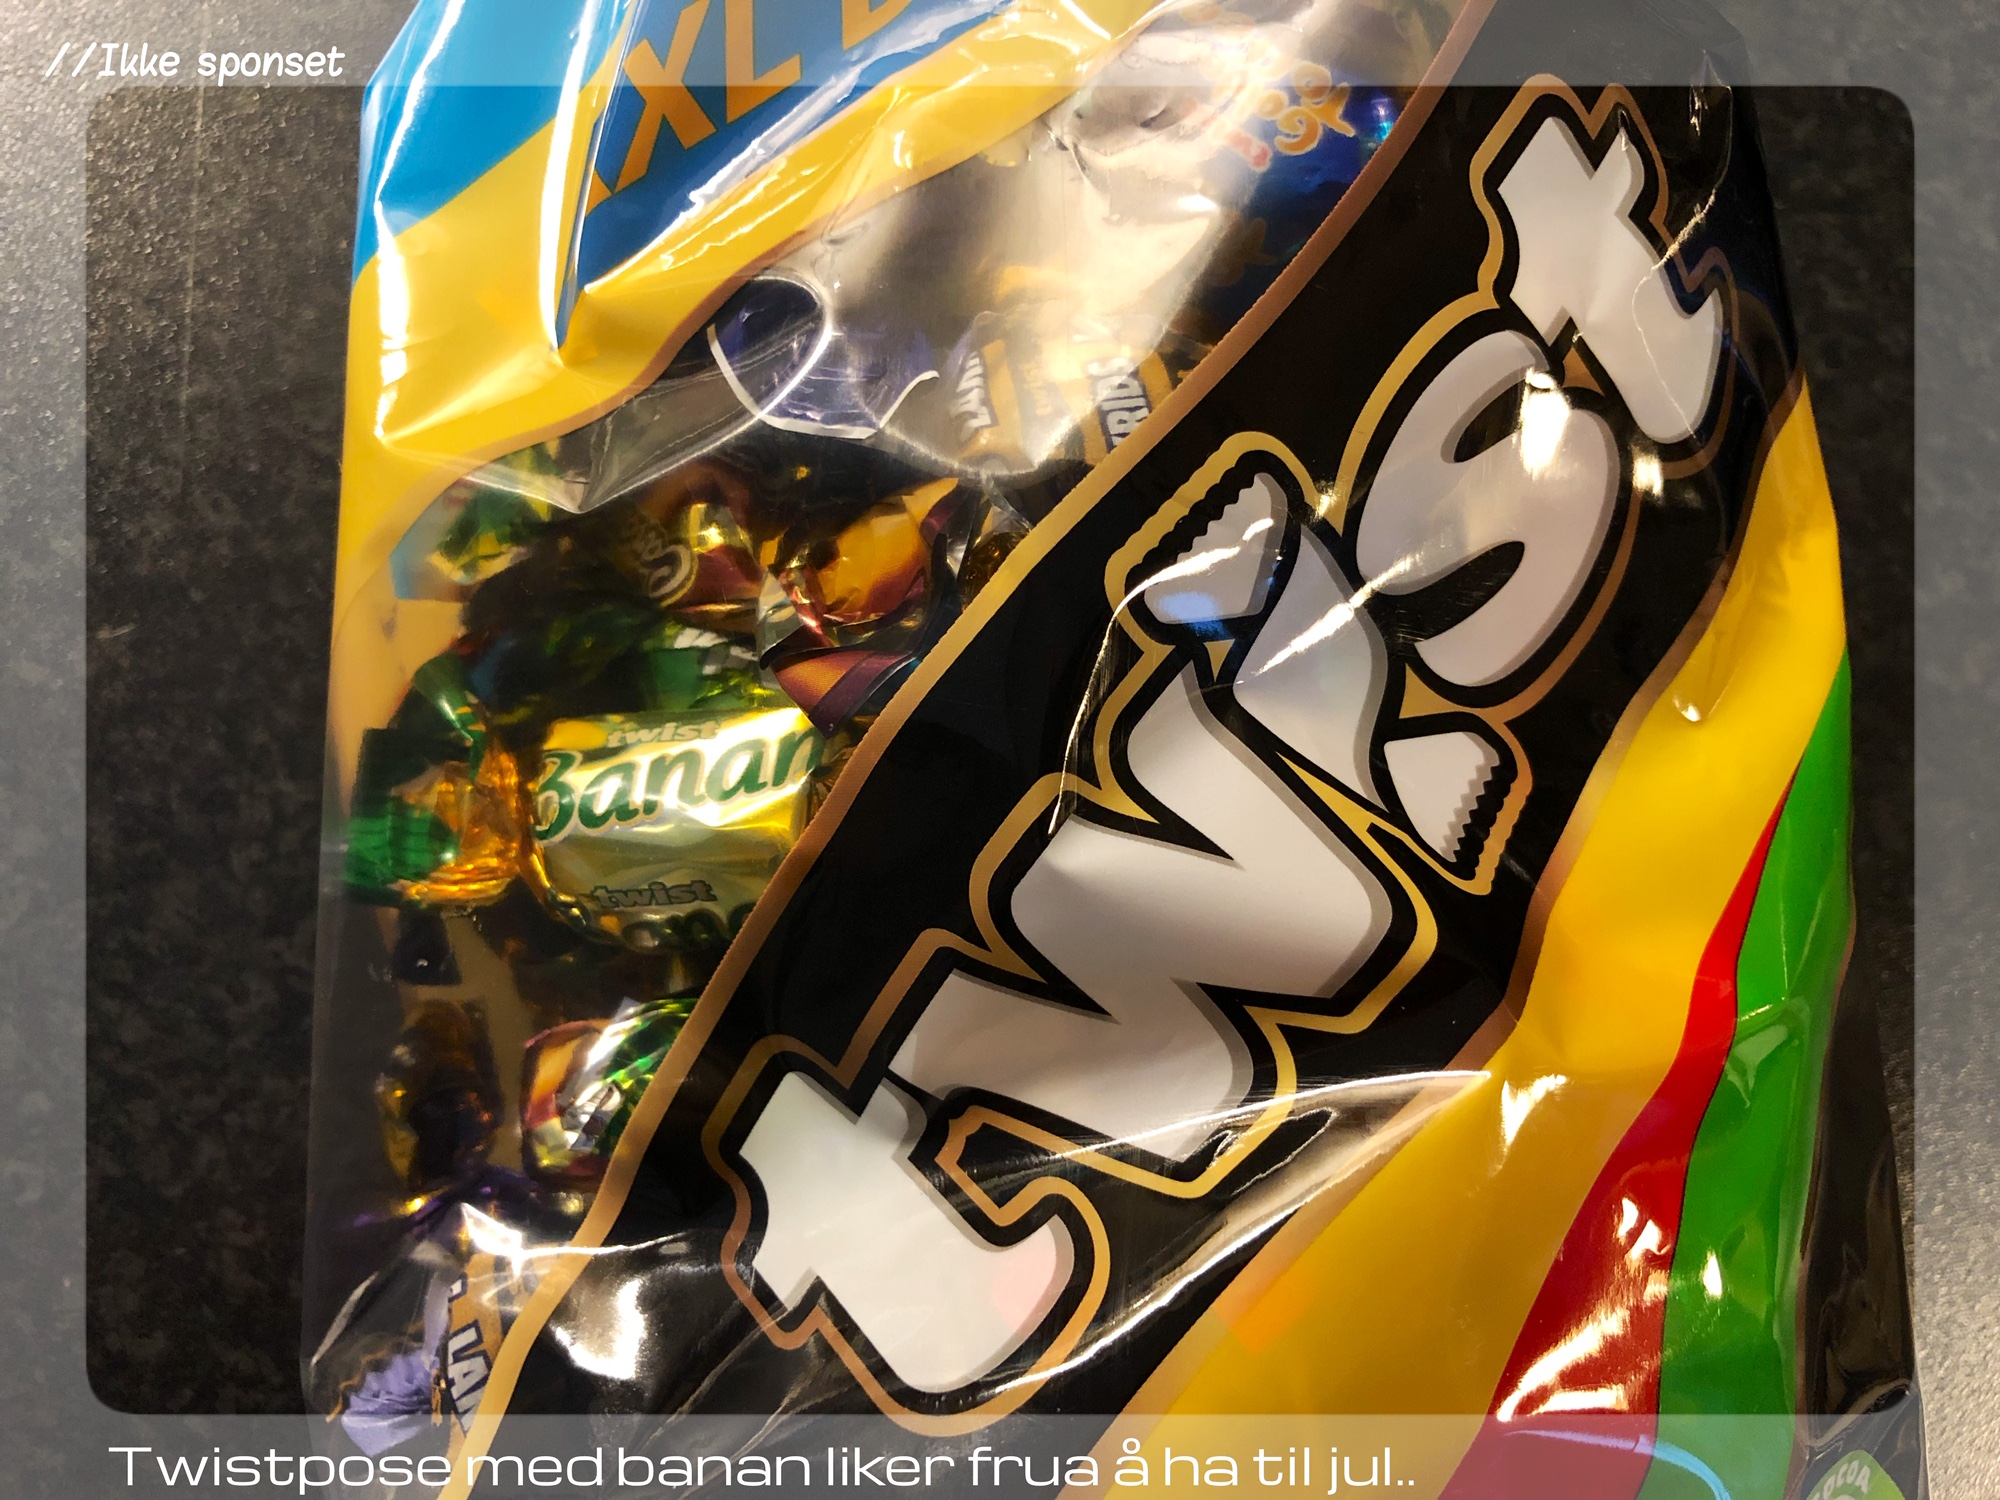 556a81be Issjokolade / Iskonfekt fra Moritz. Dette er ikke en av mine favoritter,  men når alt annet var spist opp så blei det til at en smakte litt på disse  her også ...